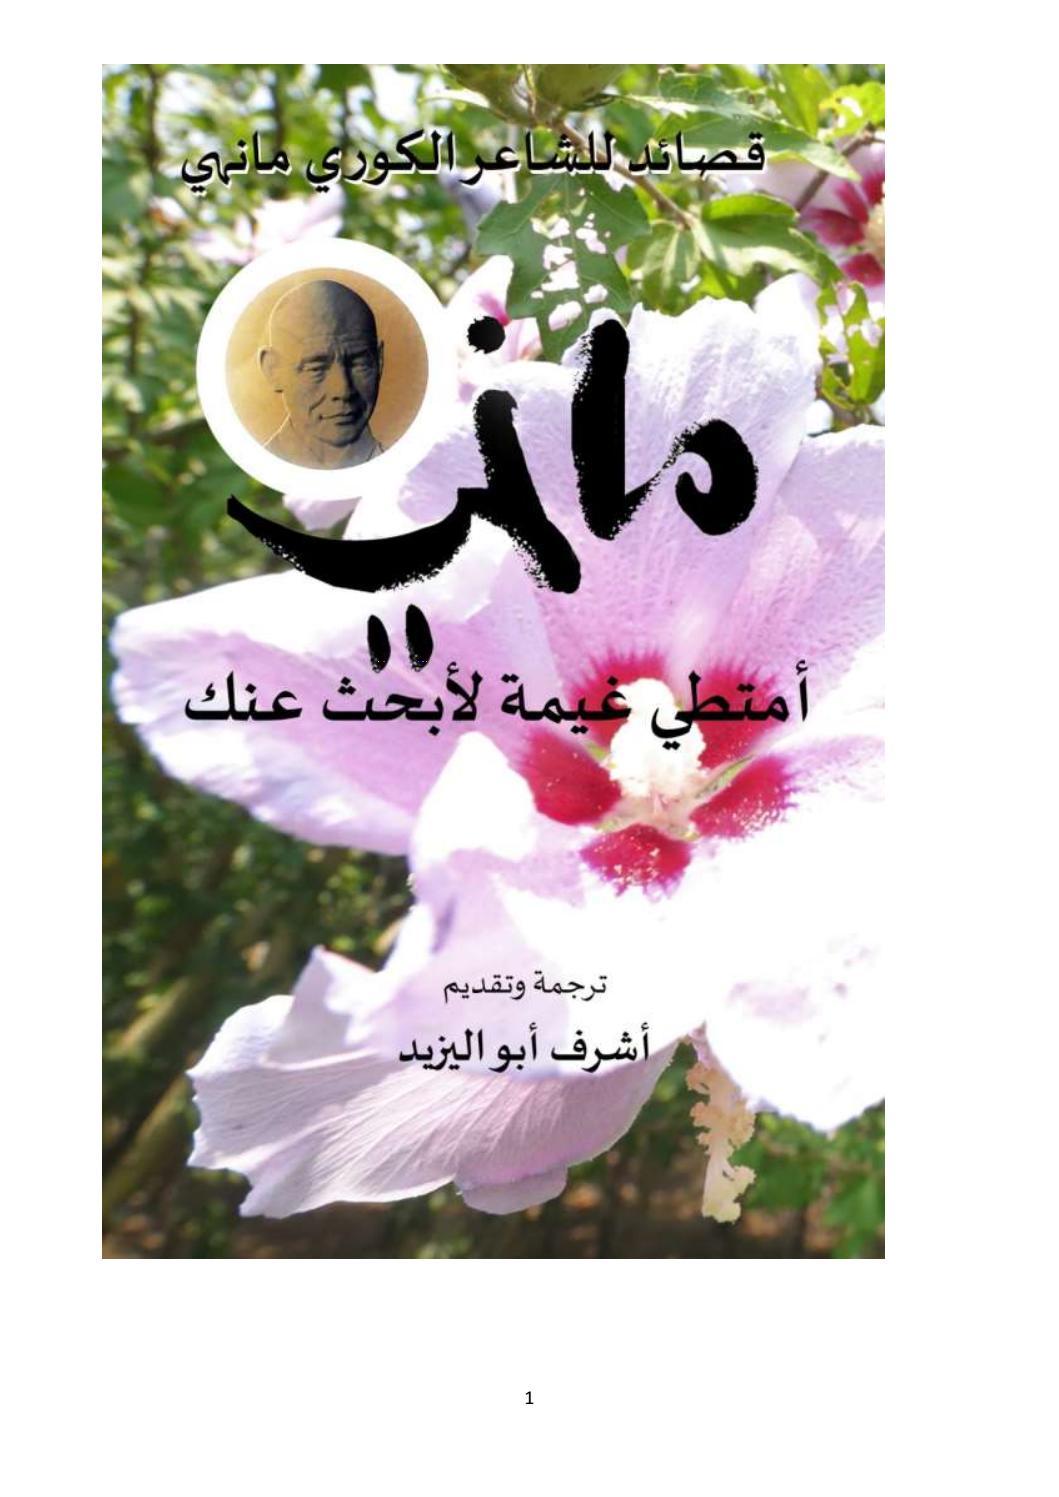 التنوير الأفريقي - داغ هيربورنسرود / ترجمة: عبدالله الحميدي | مجلة ...